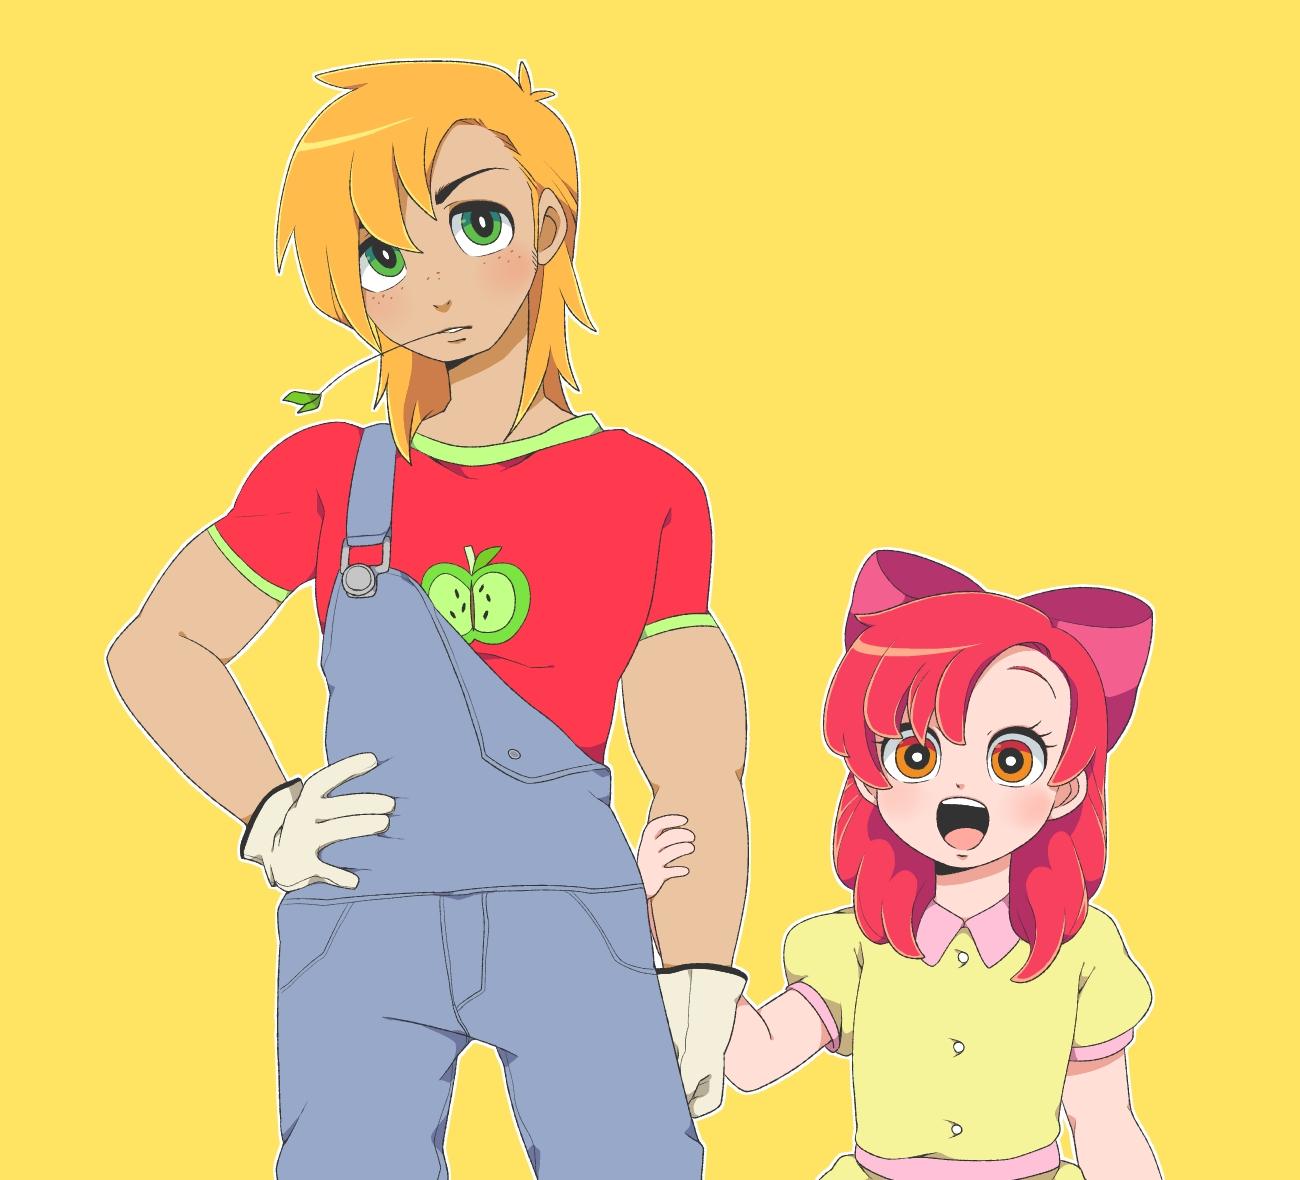 my little pony image #1550681 - zerochan anime image board